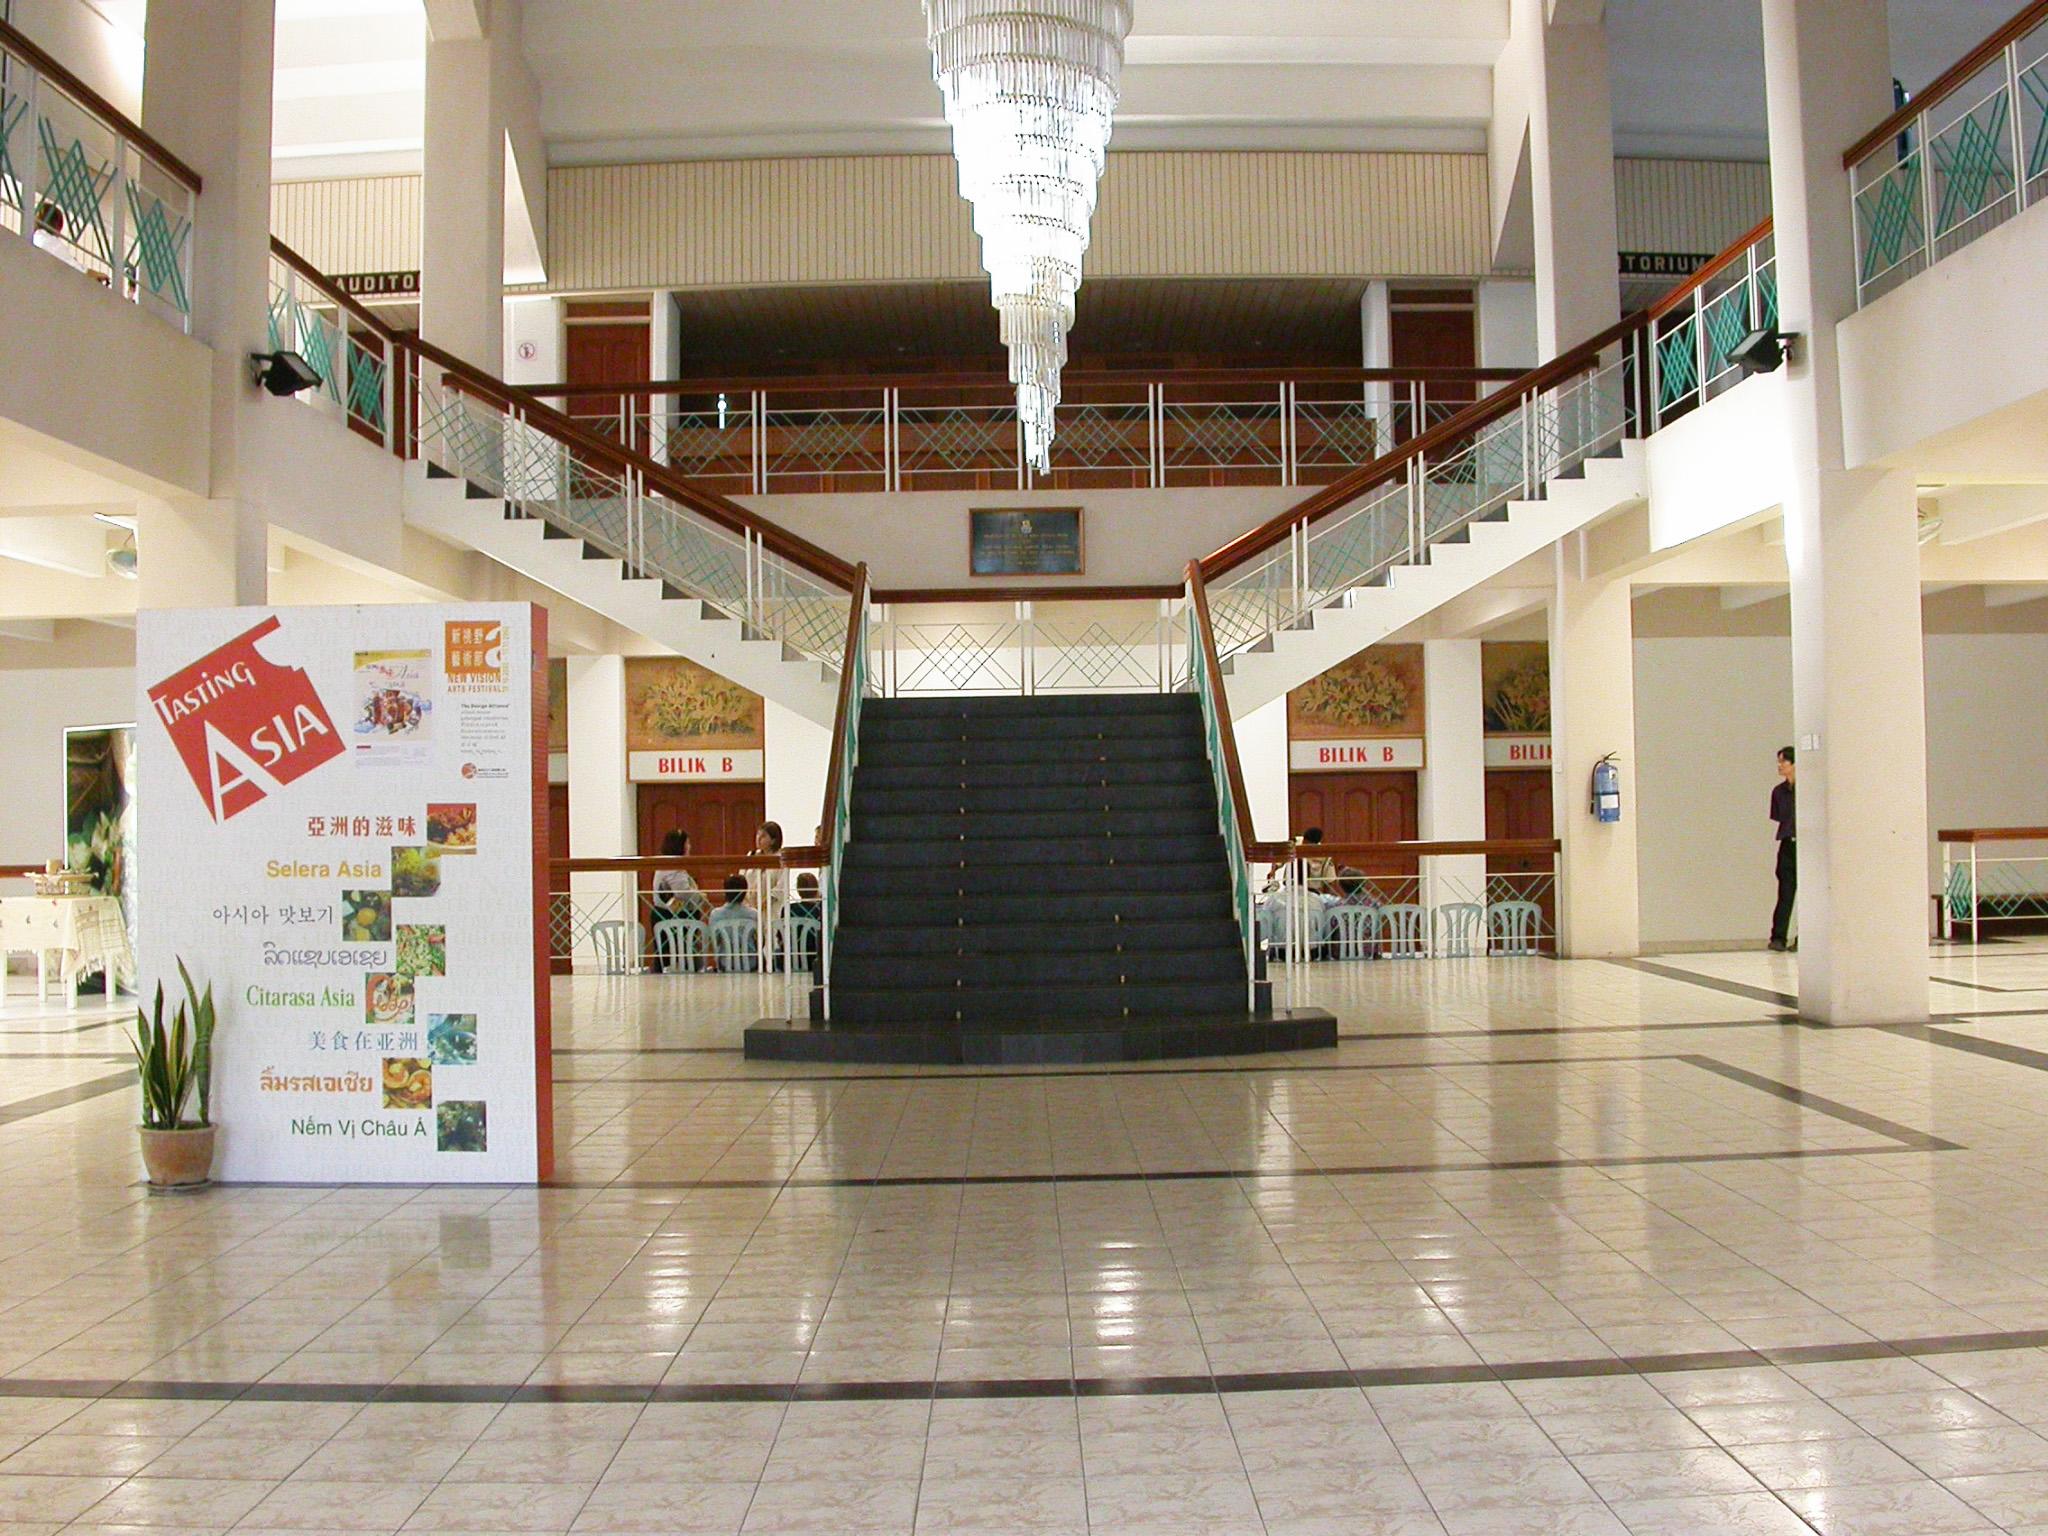 whw_MY_Penang_Tasting Asia_Jun 2003 (2240)_Intro_Stairway_EDT.jpg